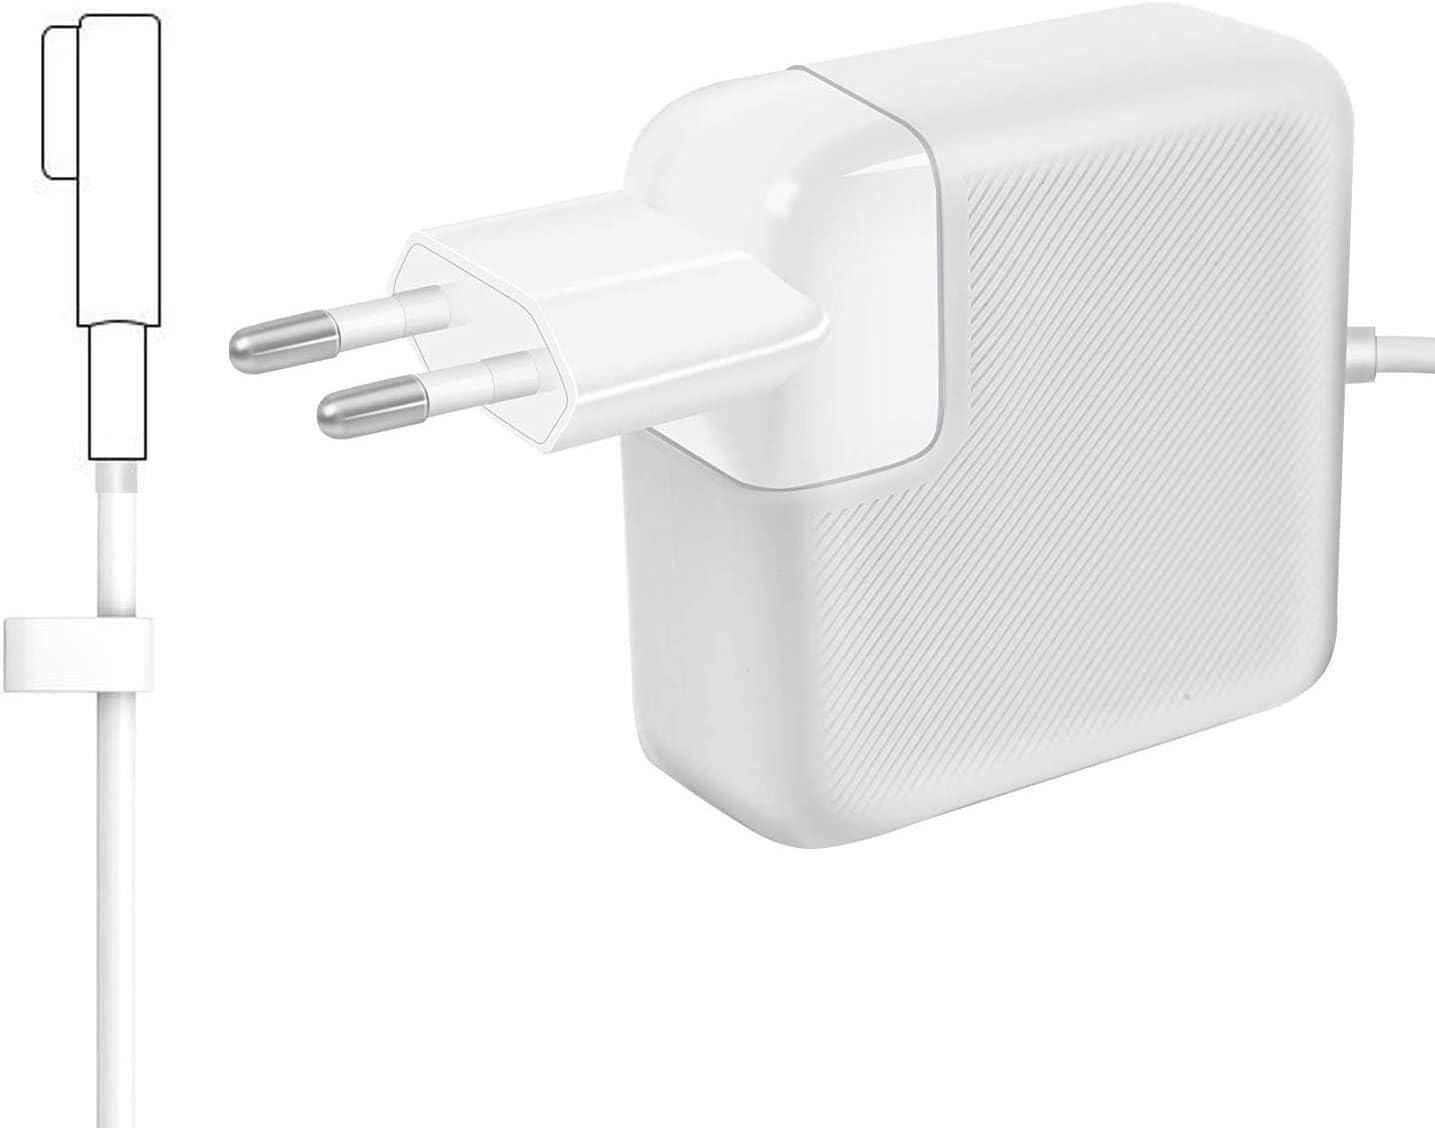 AndMore Cargador Compatible con MacBook Pro, Cargador MacBook 60W 1 Forma de L Adaptador de Corriente (para MacBooks Macbook Pro 11